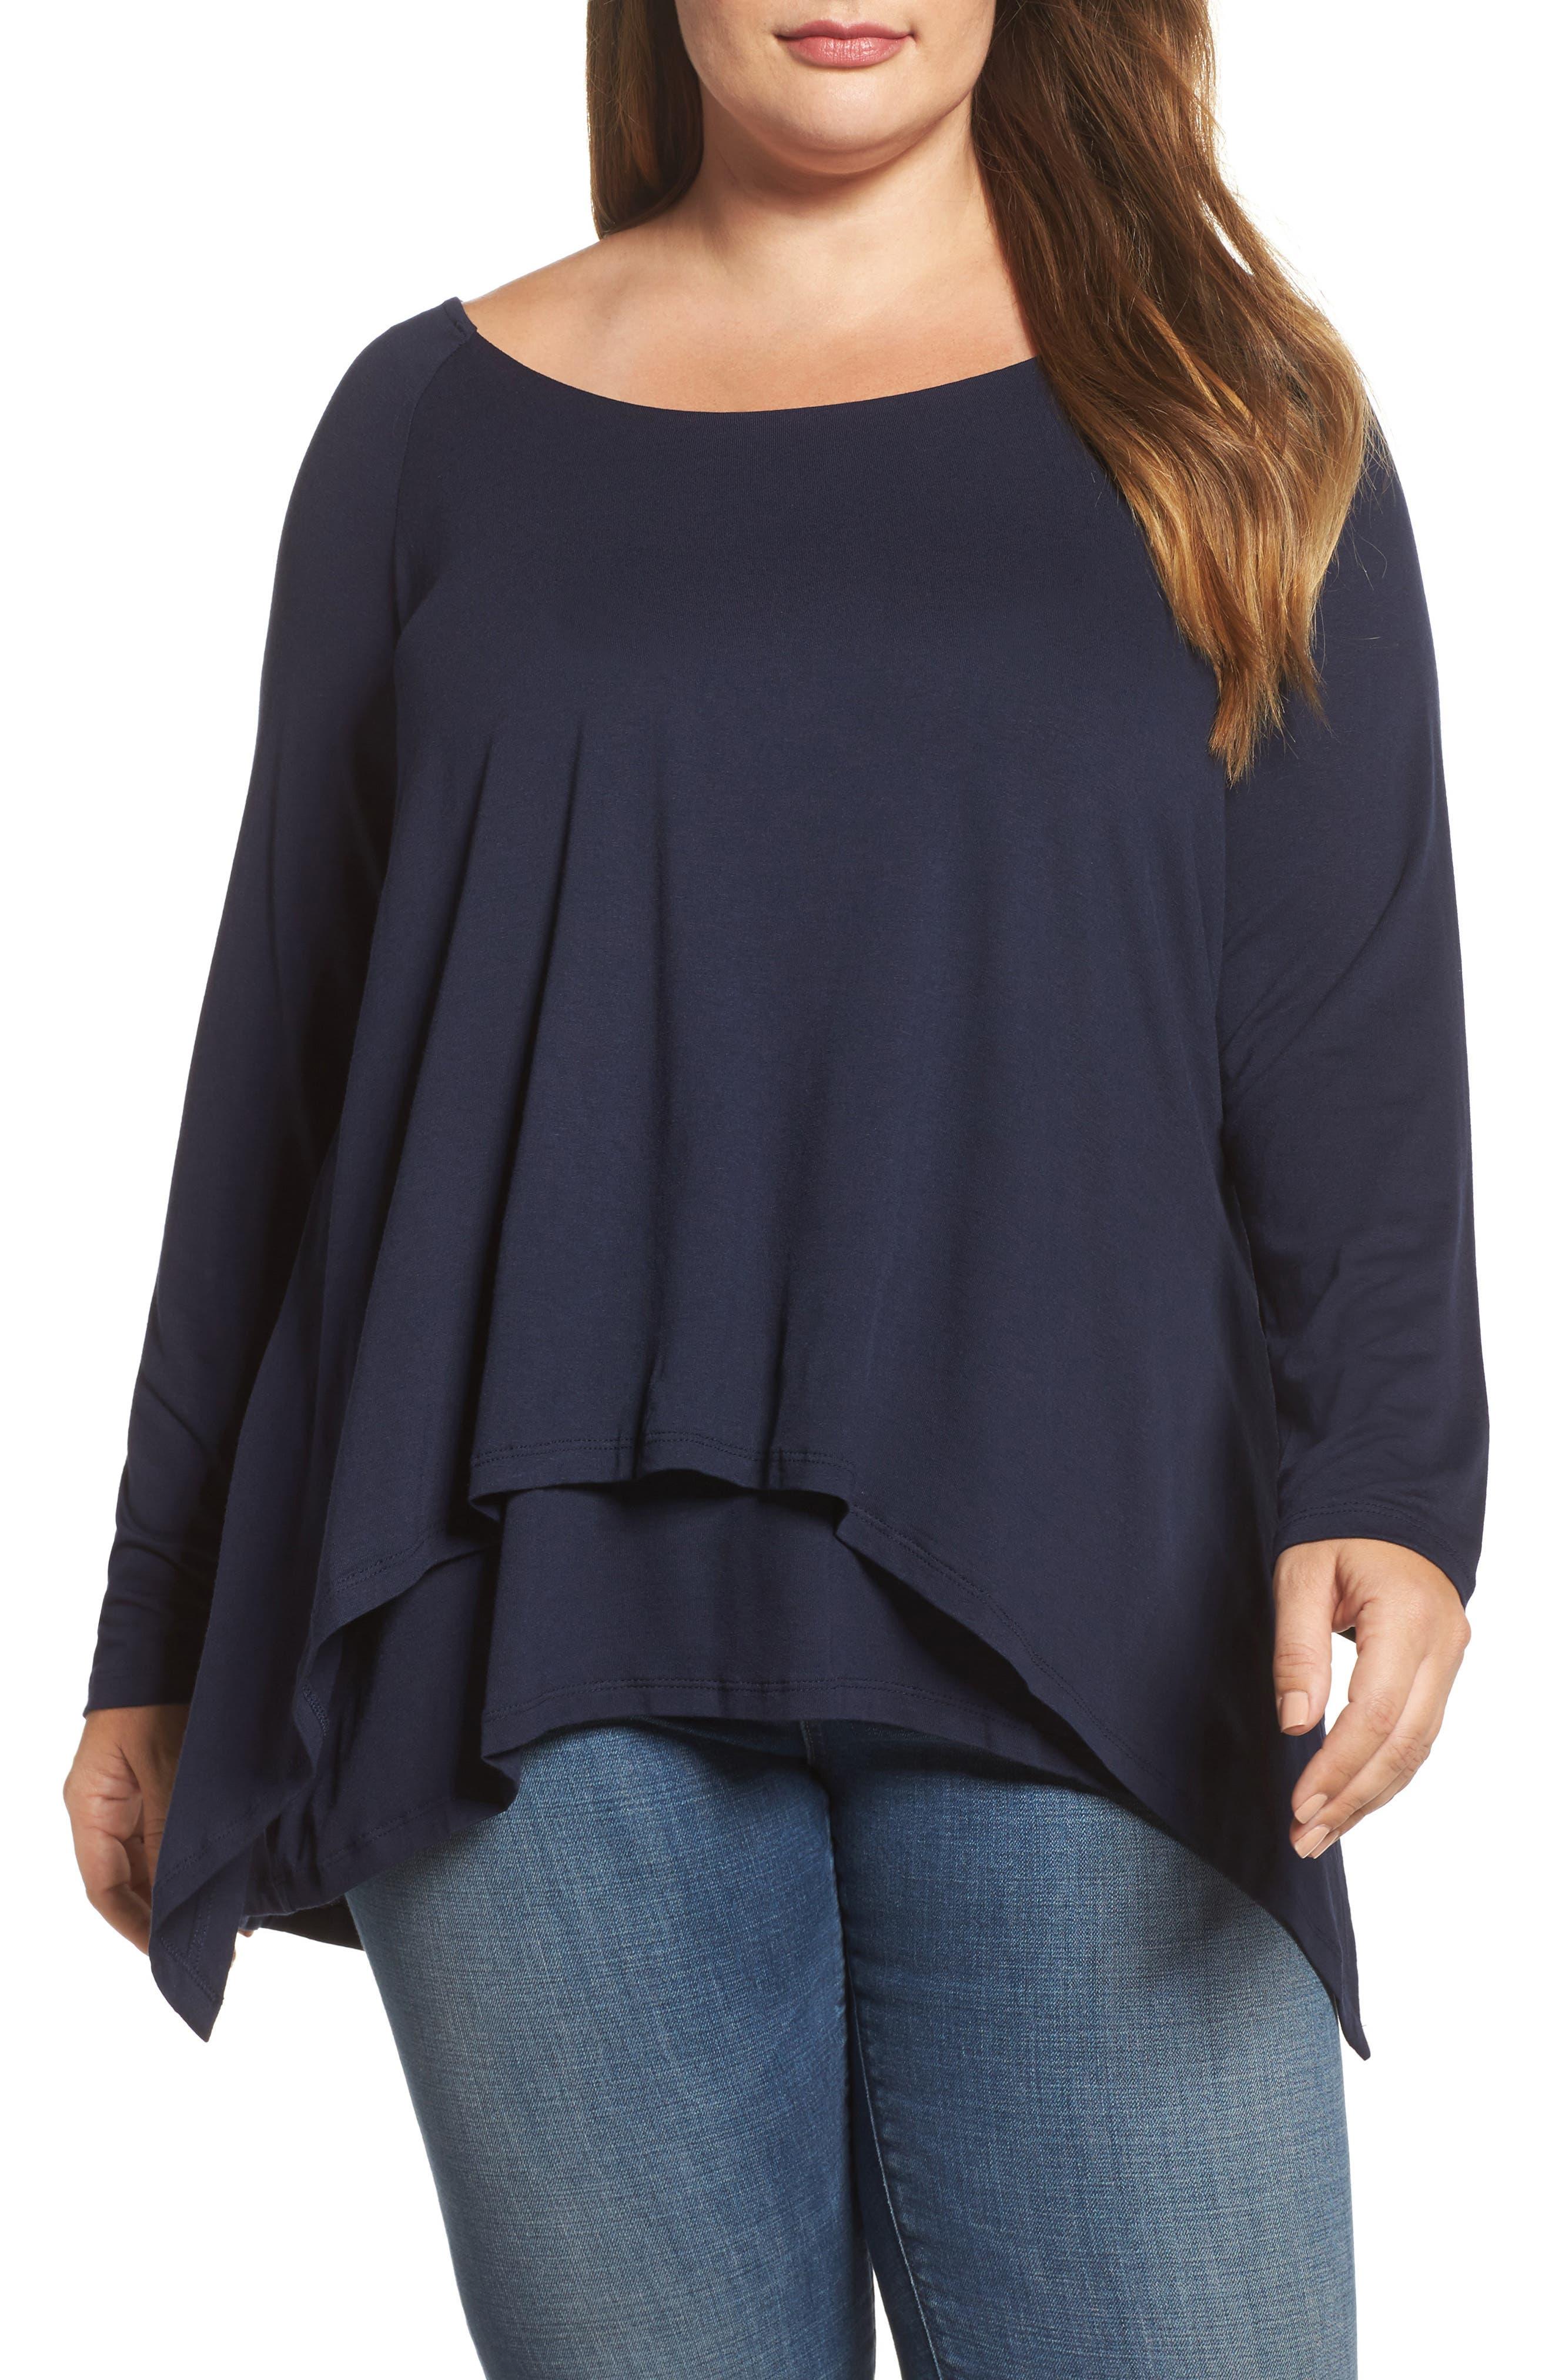 Main Image - Bobeau Layered Knit Top (Plus Size)